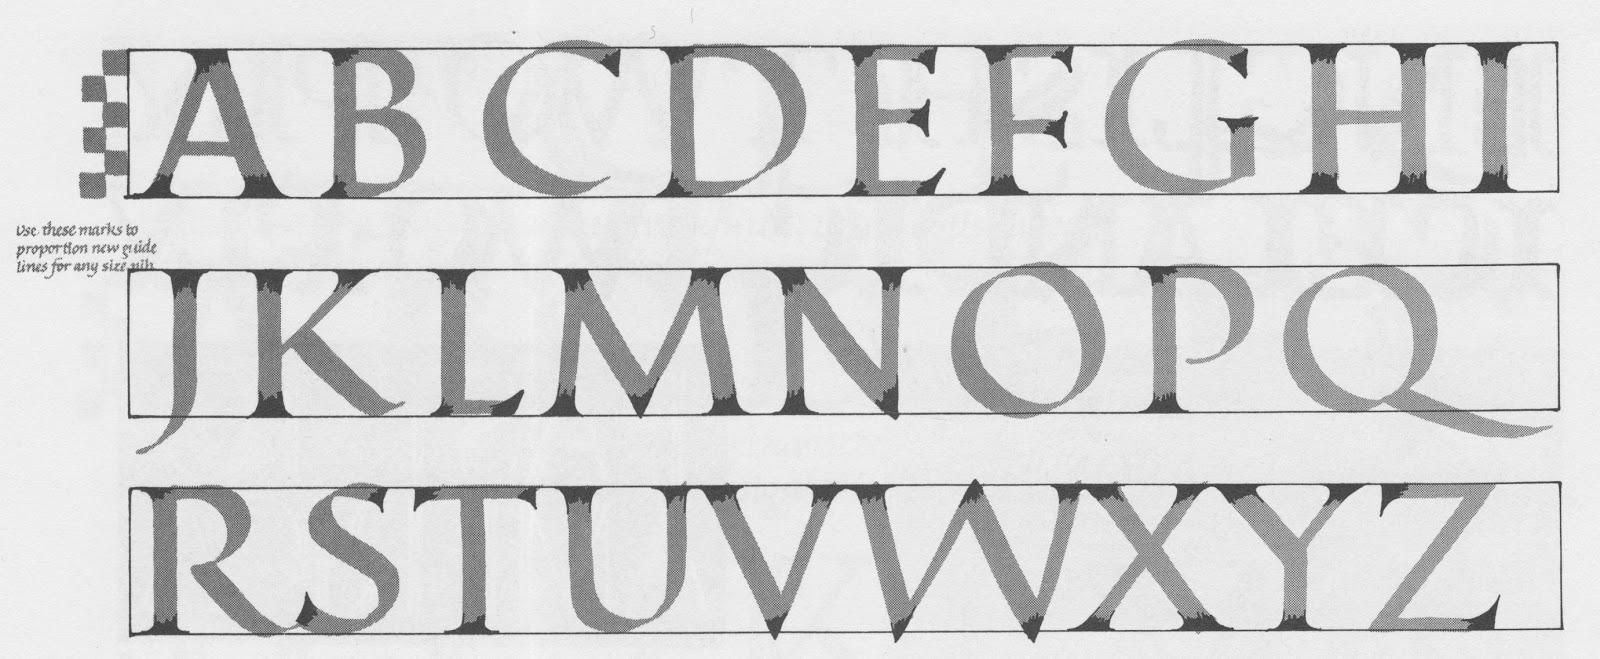 Margaret shepherd calligraphy may